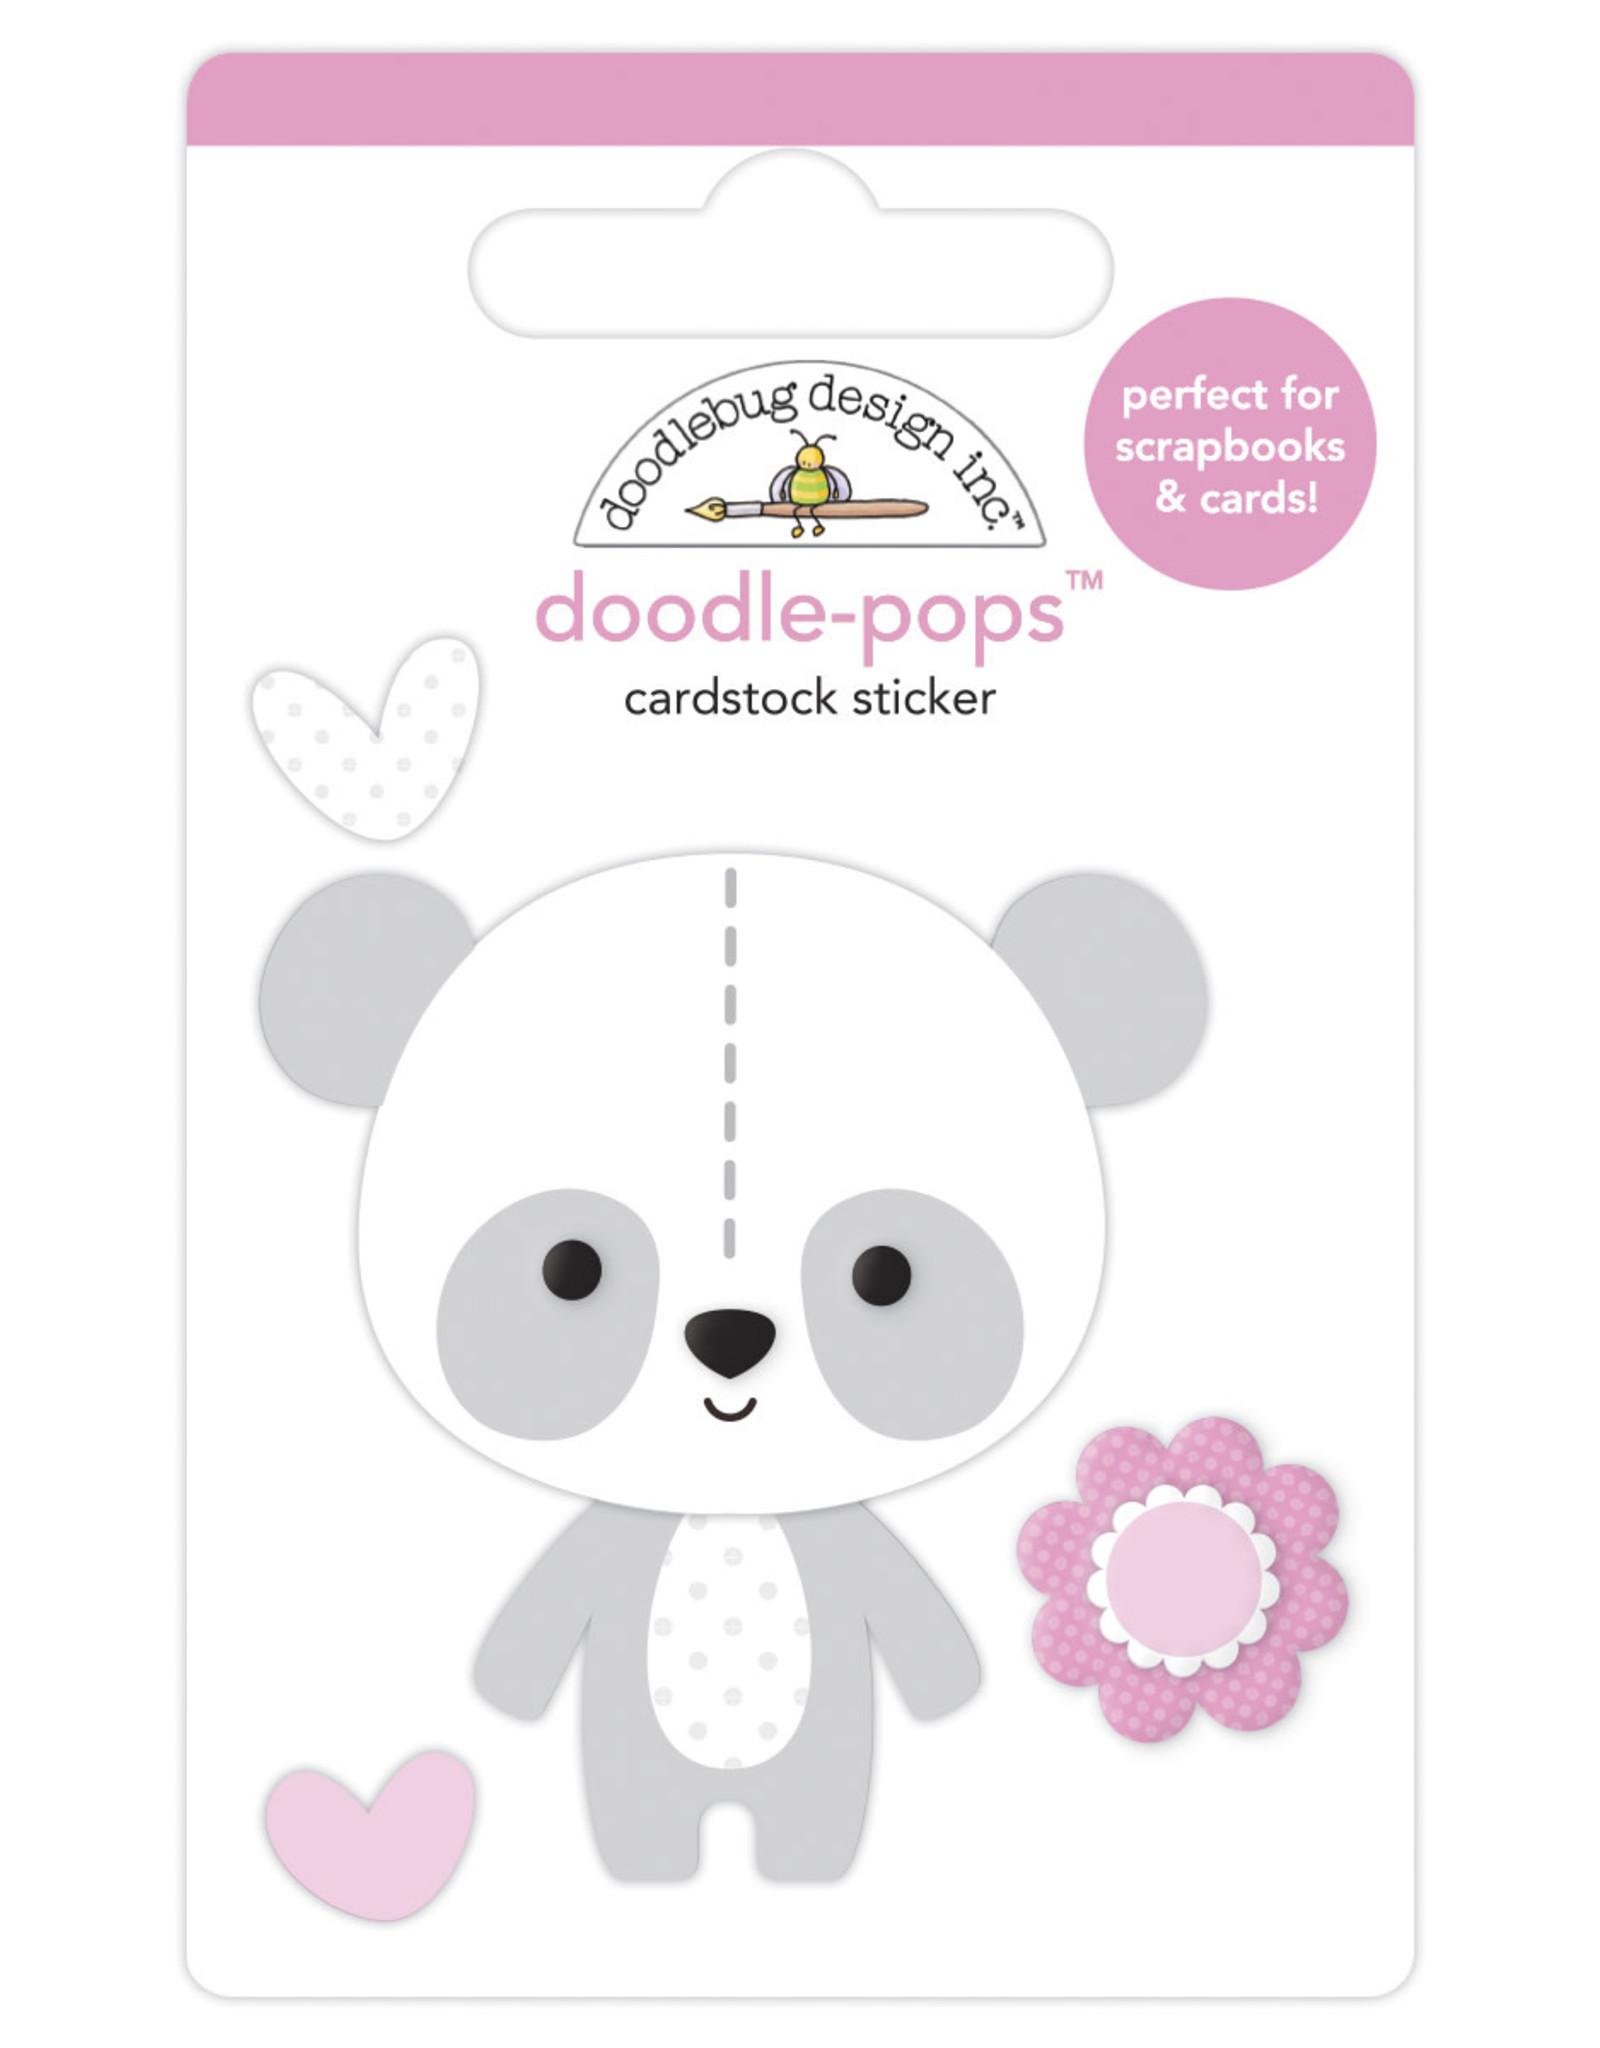 Doodlebug Design beary cute doodle-pops